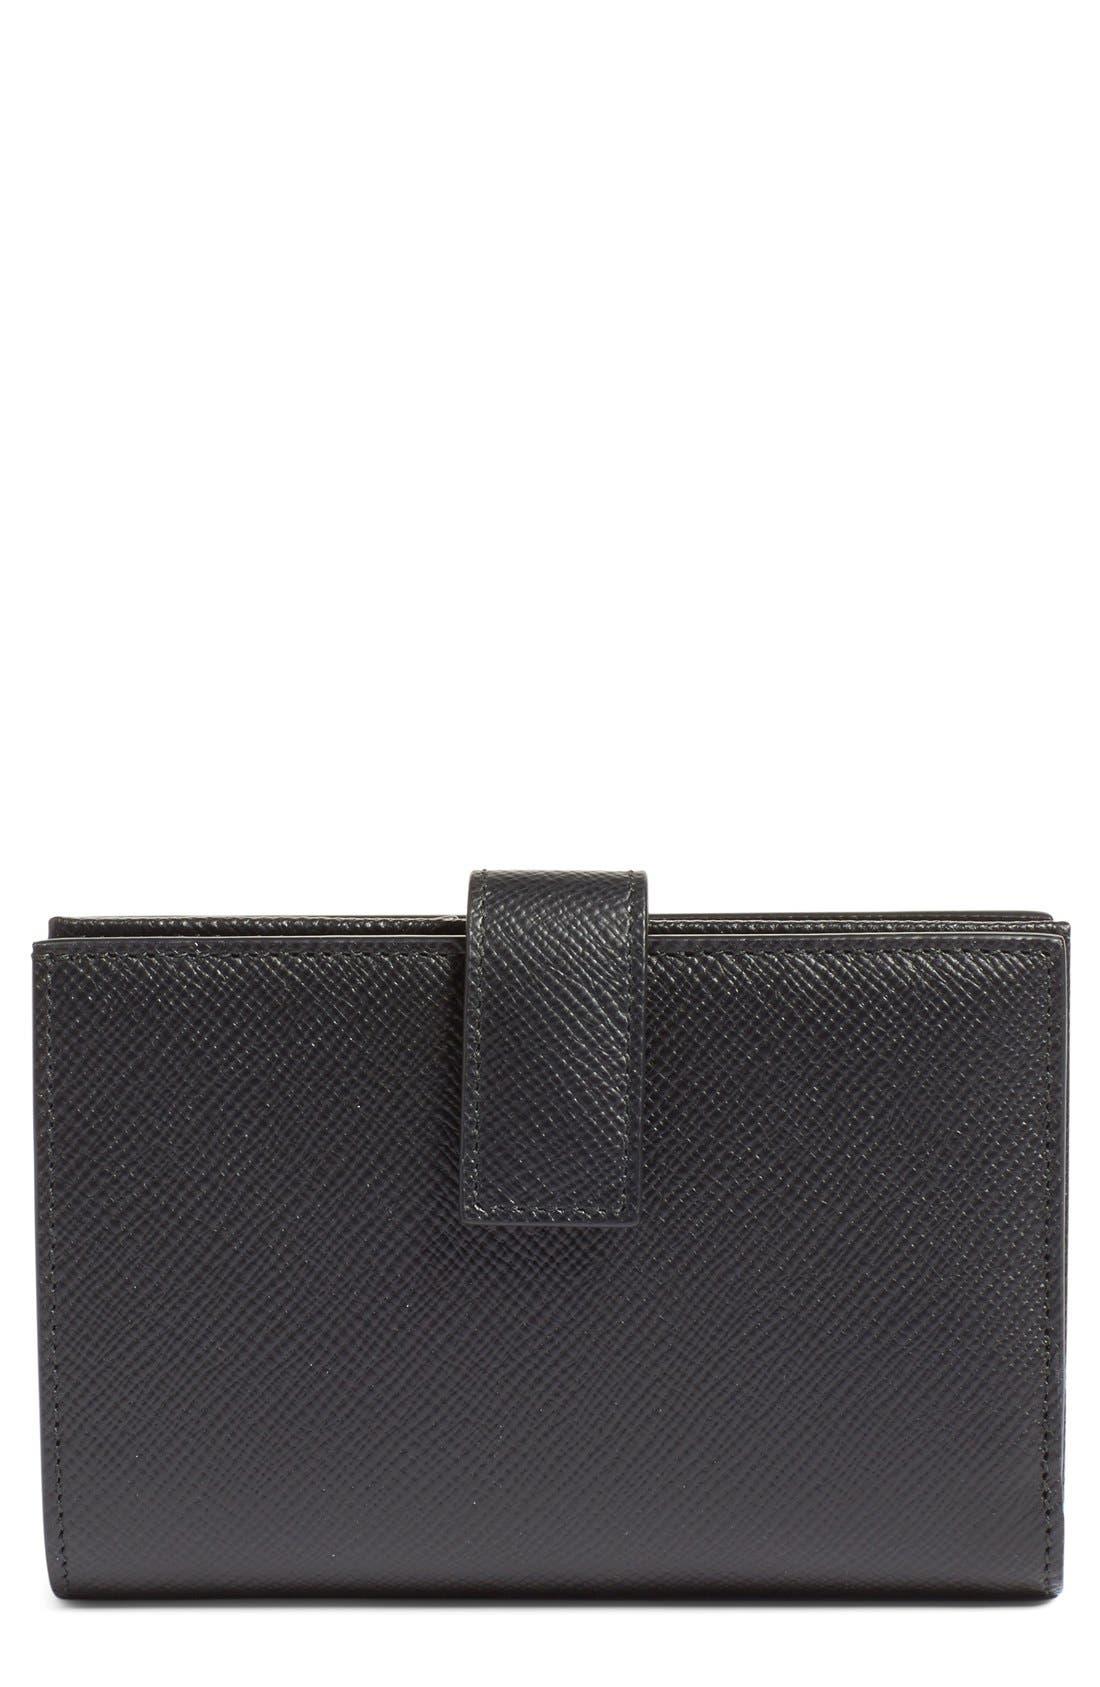 'Medium' Continental Wallet,                             Main thumbnail 1, color,                             001